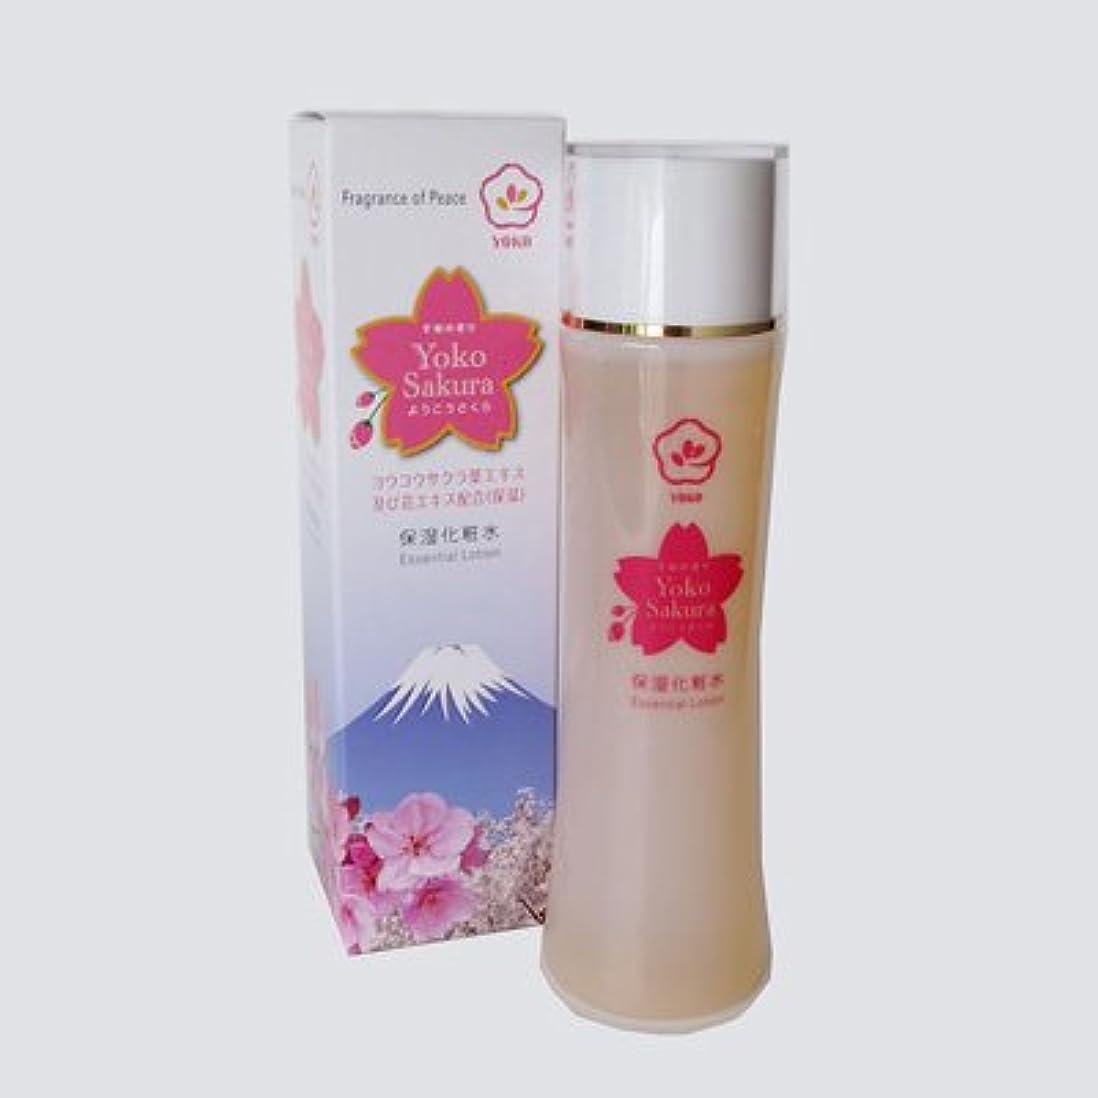 パステル組み合わせ致命的な陽光ローション(保湿化粧水) 陽光桜のエキス配合の保湿化粧水。敏感肌の方にもどうぞ